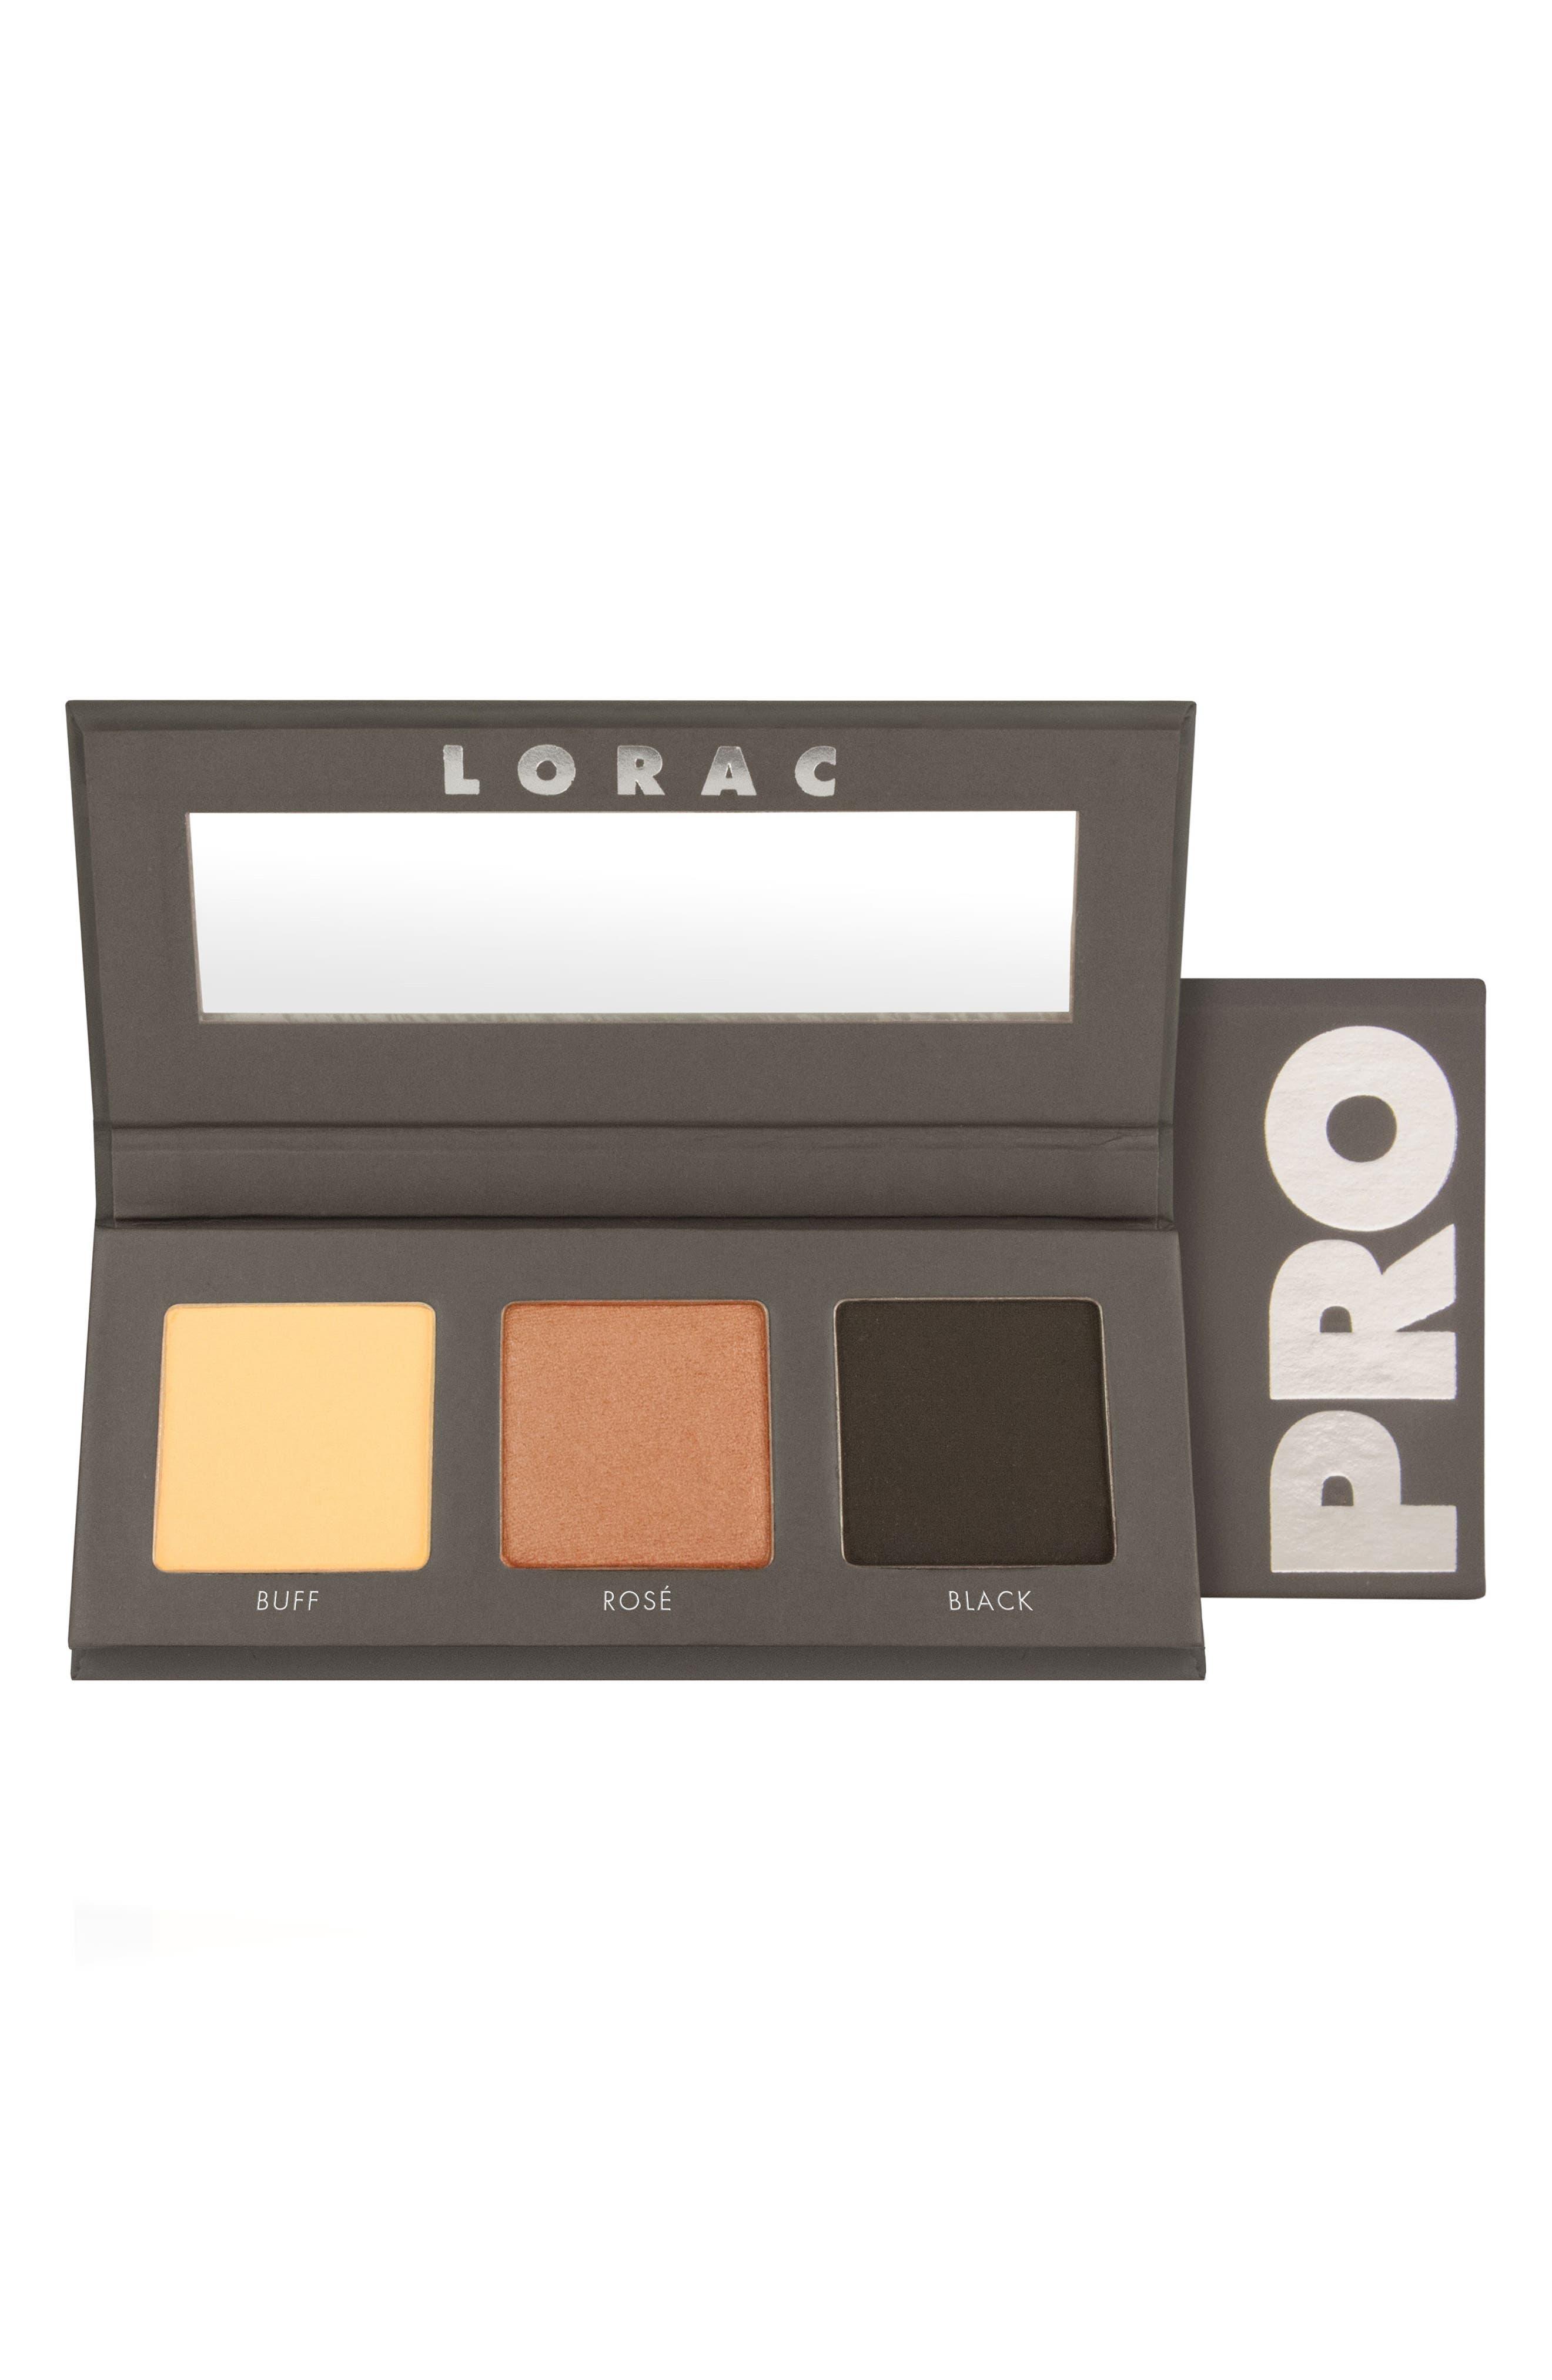 LORAC,                             'Pocket PRO 2' Palette,                             Alternate thumbnail 2, color,                             NO COLOR